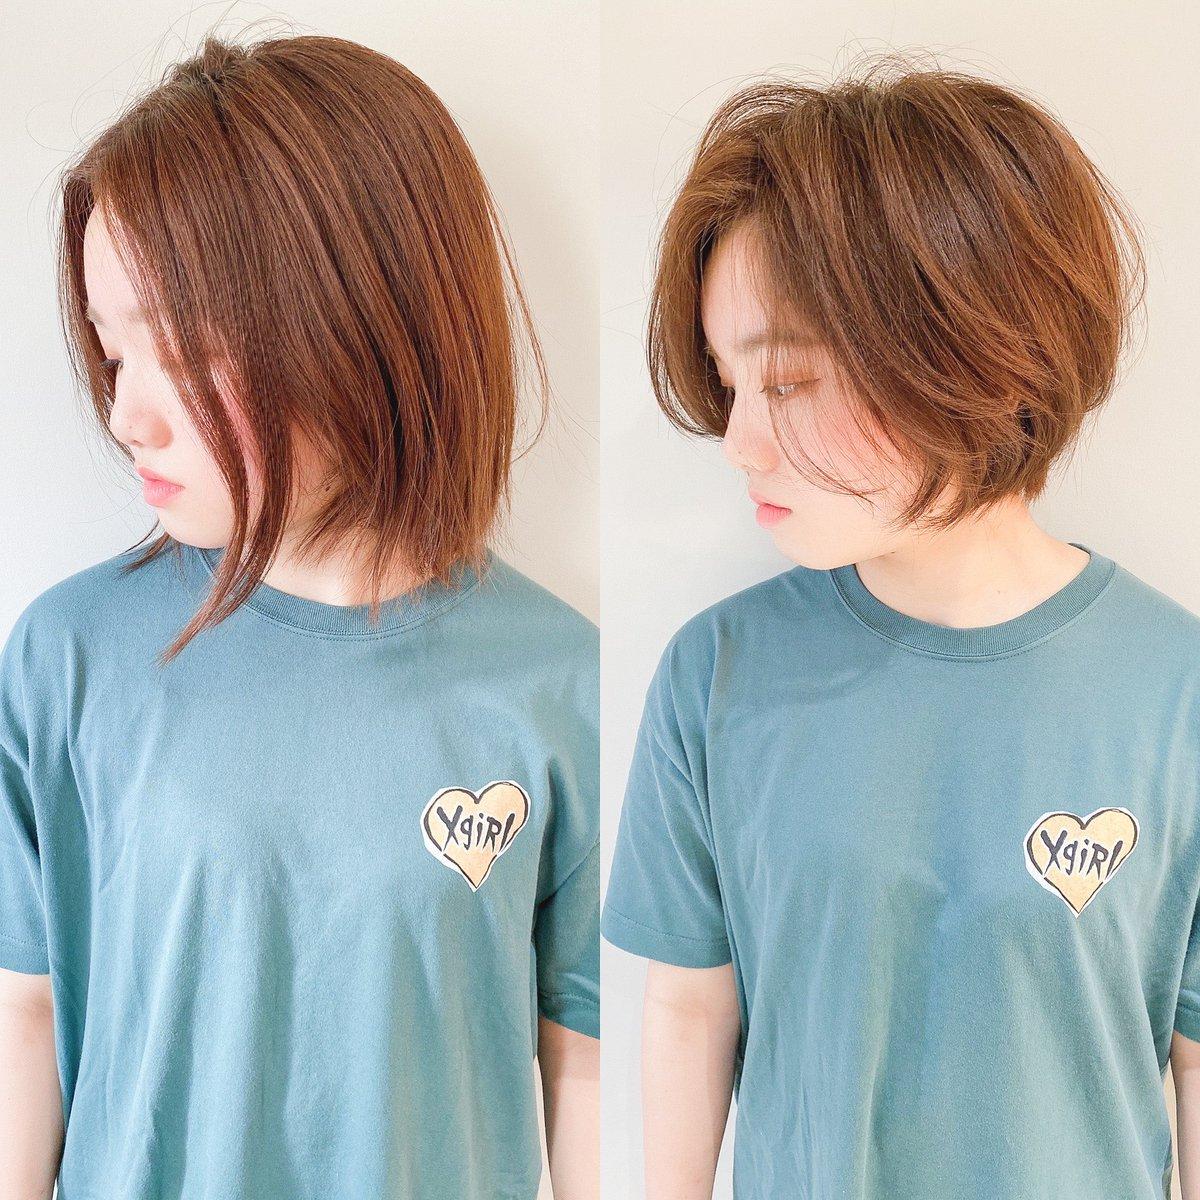 多い ショート 髪の毛 髪が多いショートボブさん必見!キレイにまとまる時短ドライヤーテク【髪コンプレックス解消vol.17】